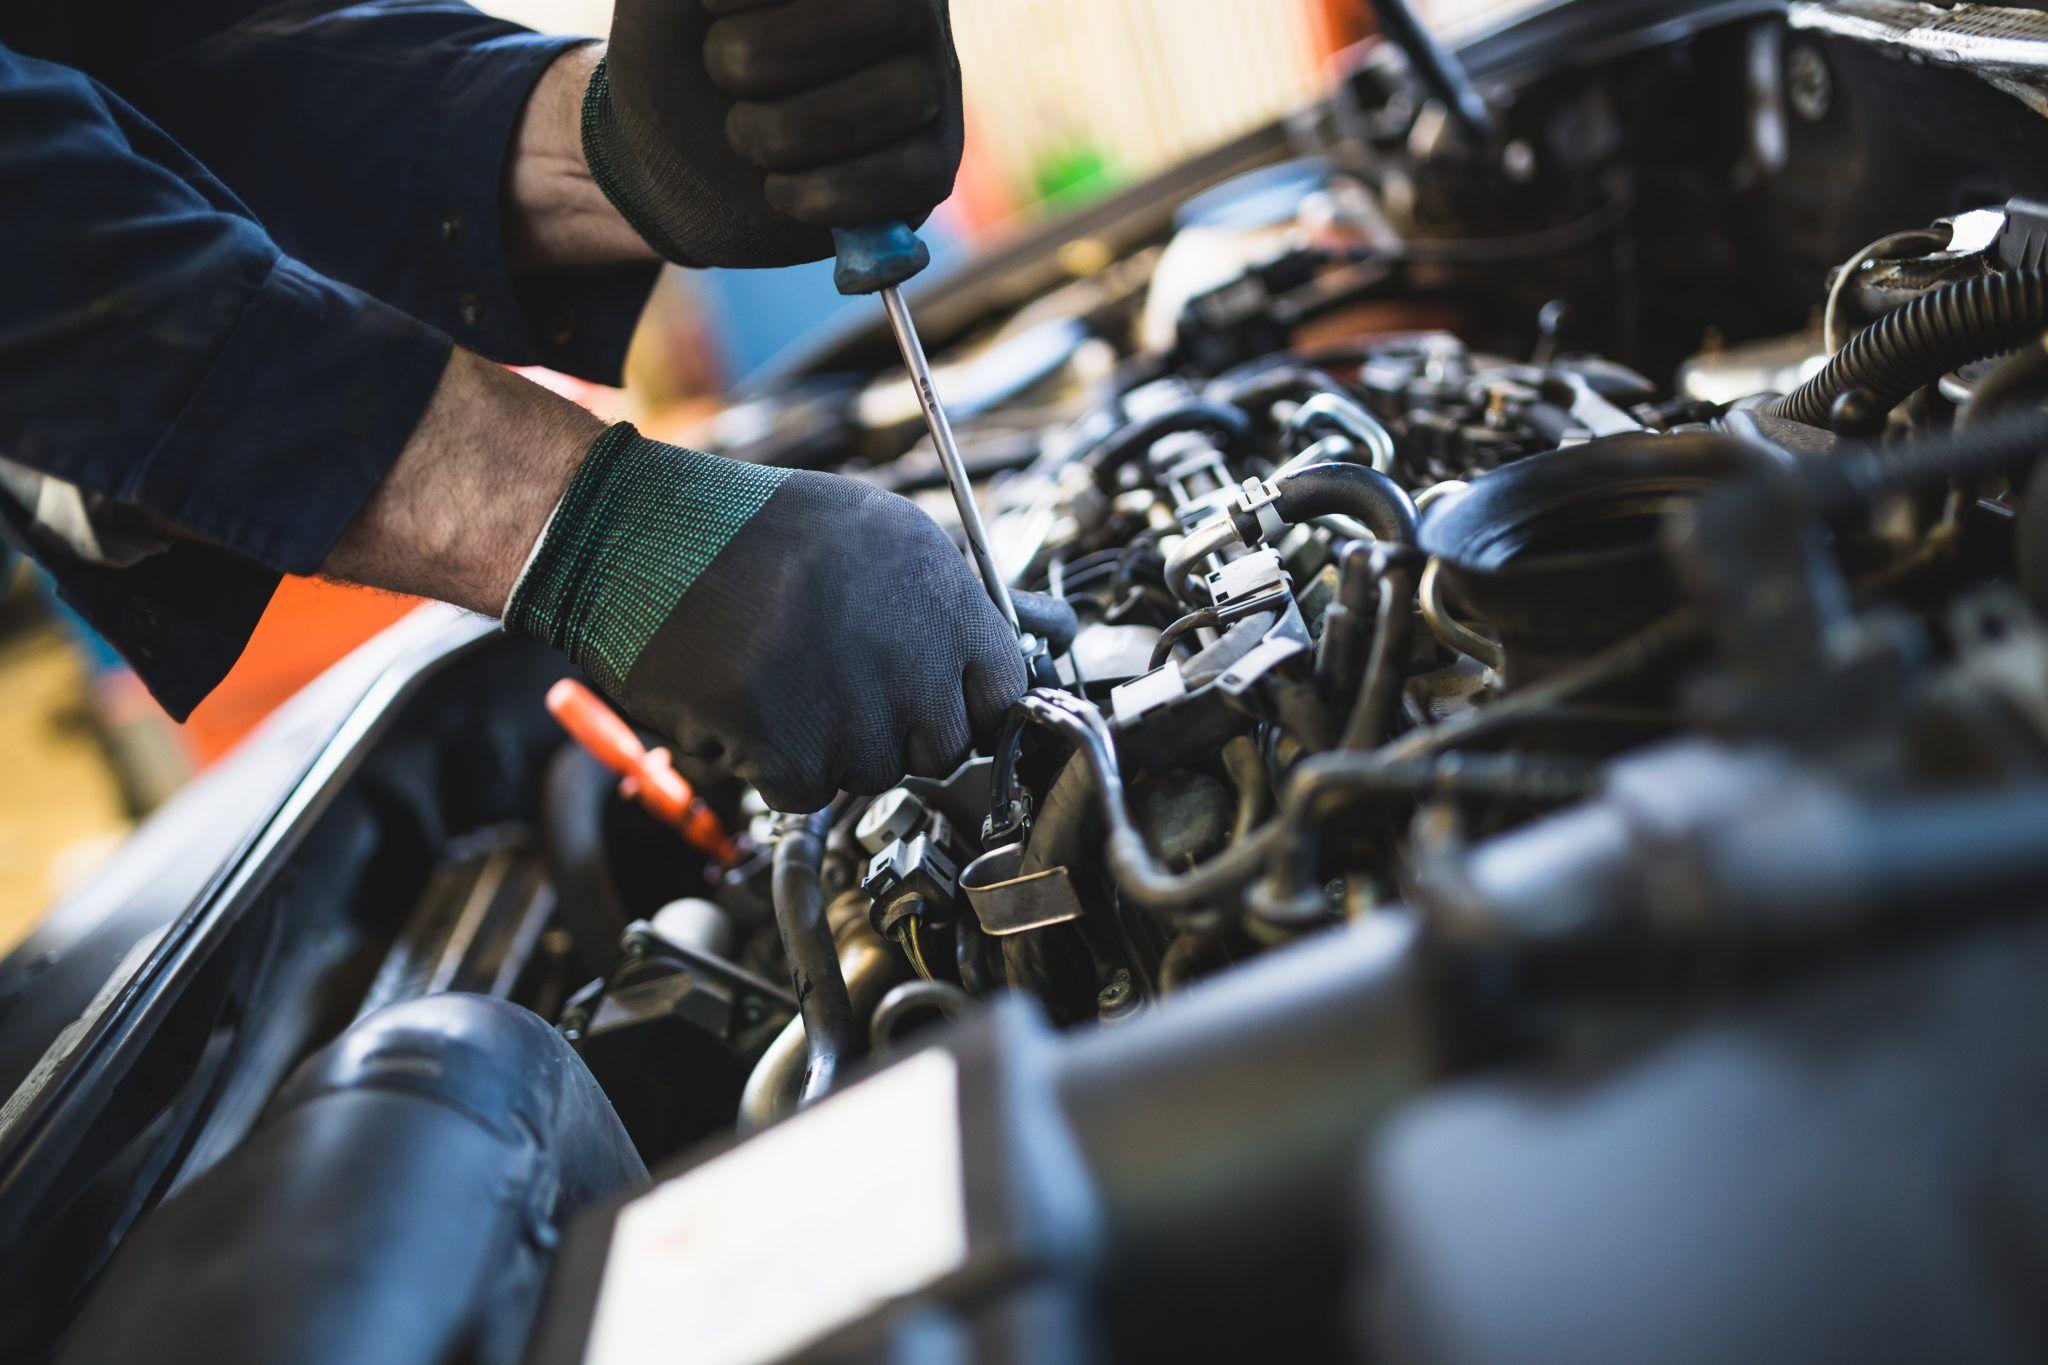 full service auto mechanic shop | Automotive repair, Mobile mechanic, Mechanic  shop